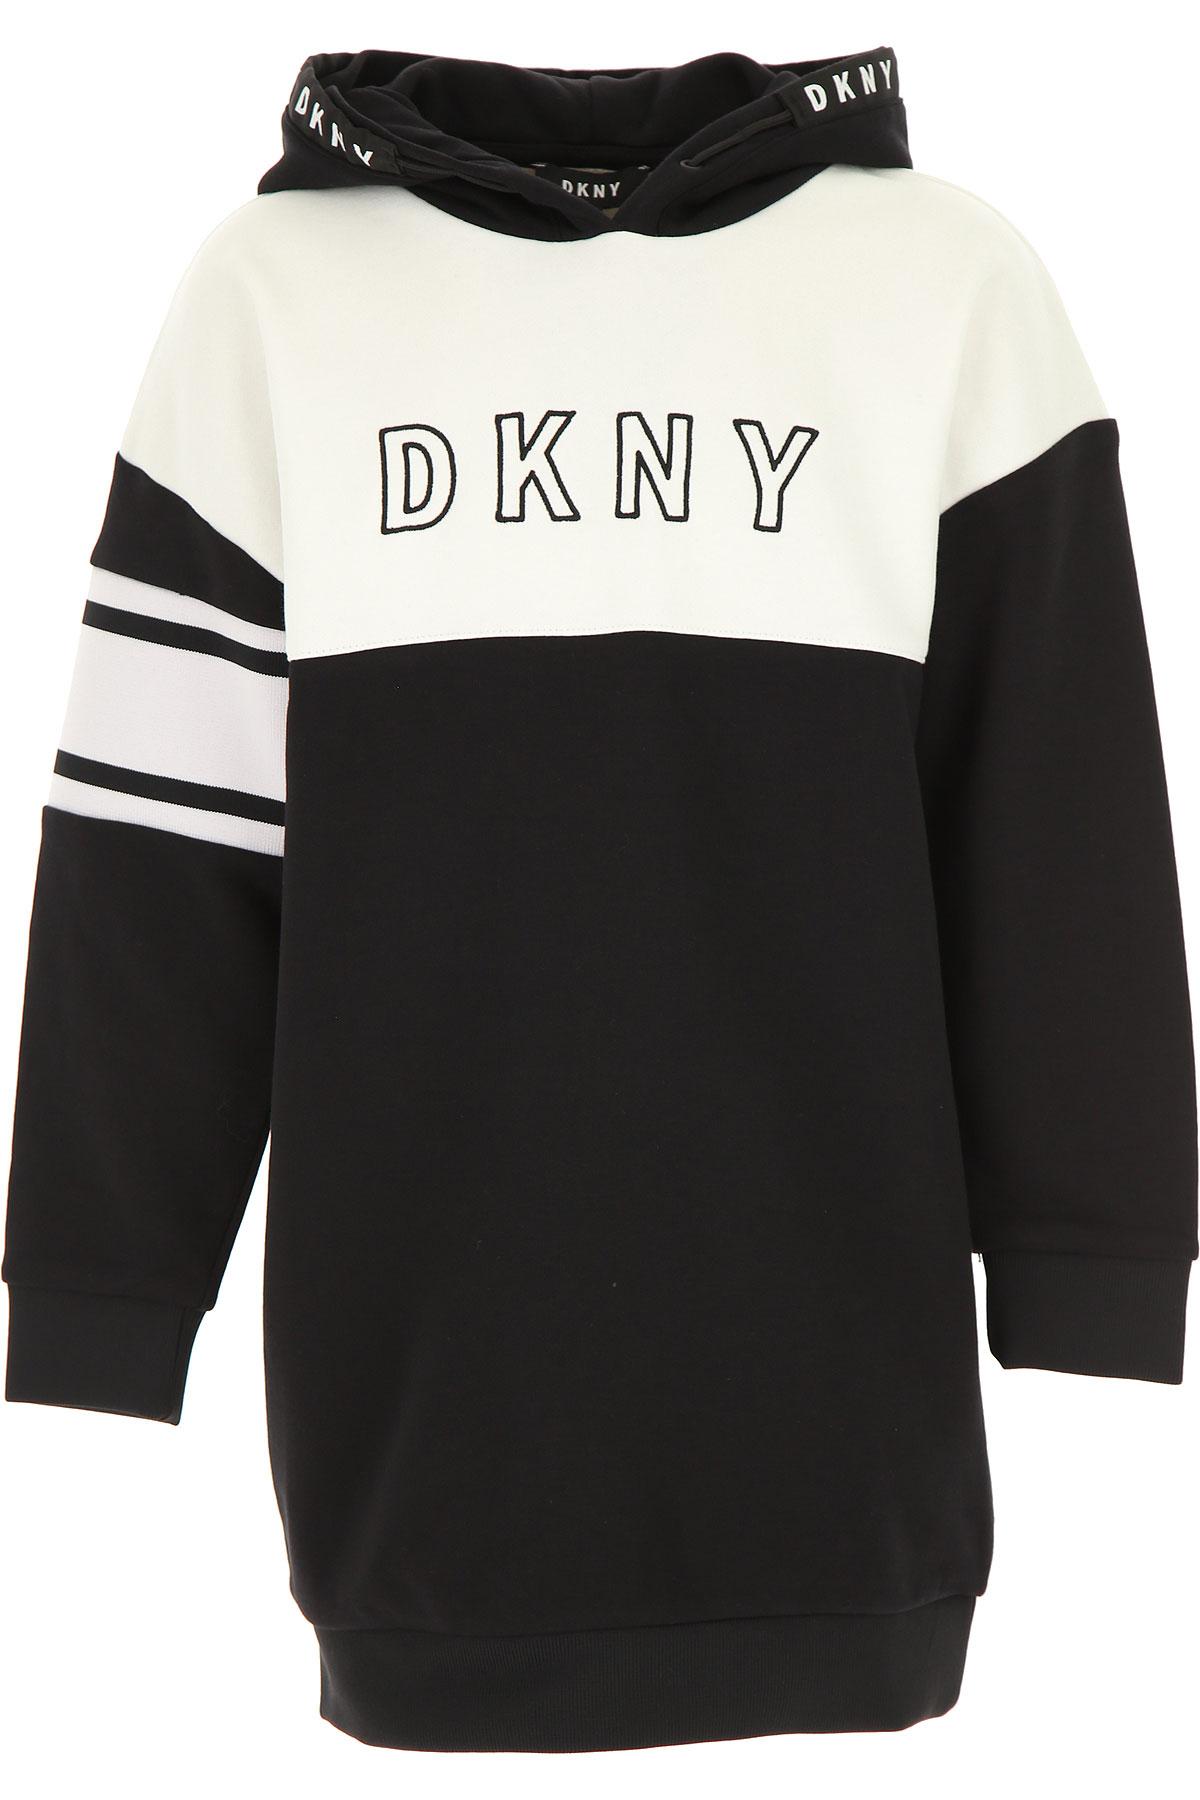 DKNY Girls Dress On Sale, Black, Cotton, 2019, 12Y 14Y